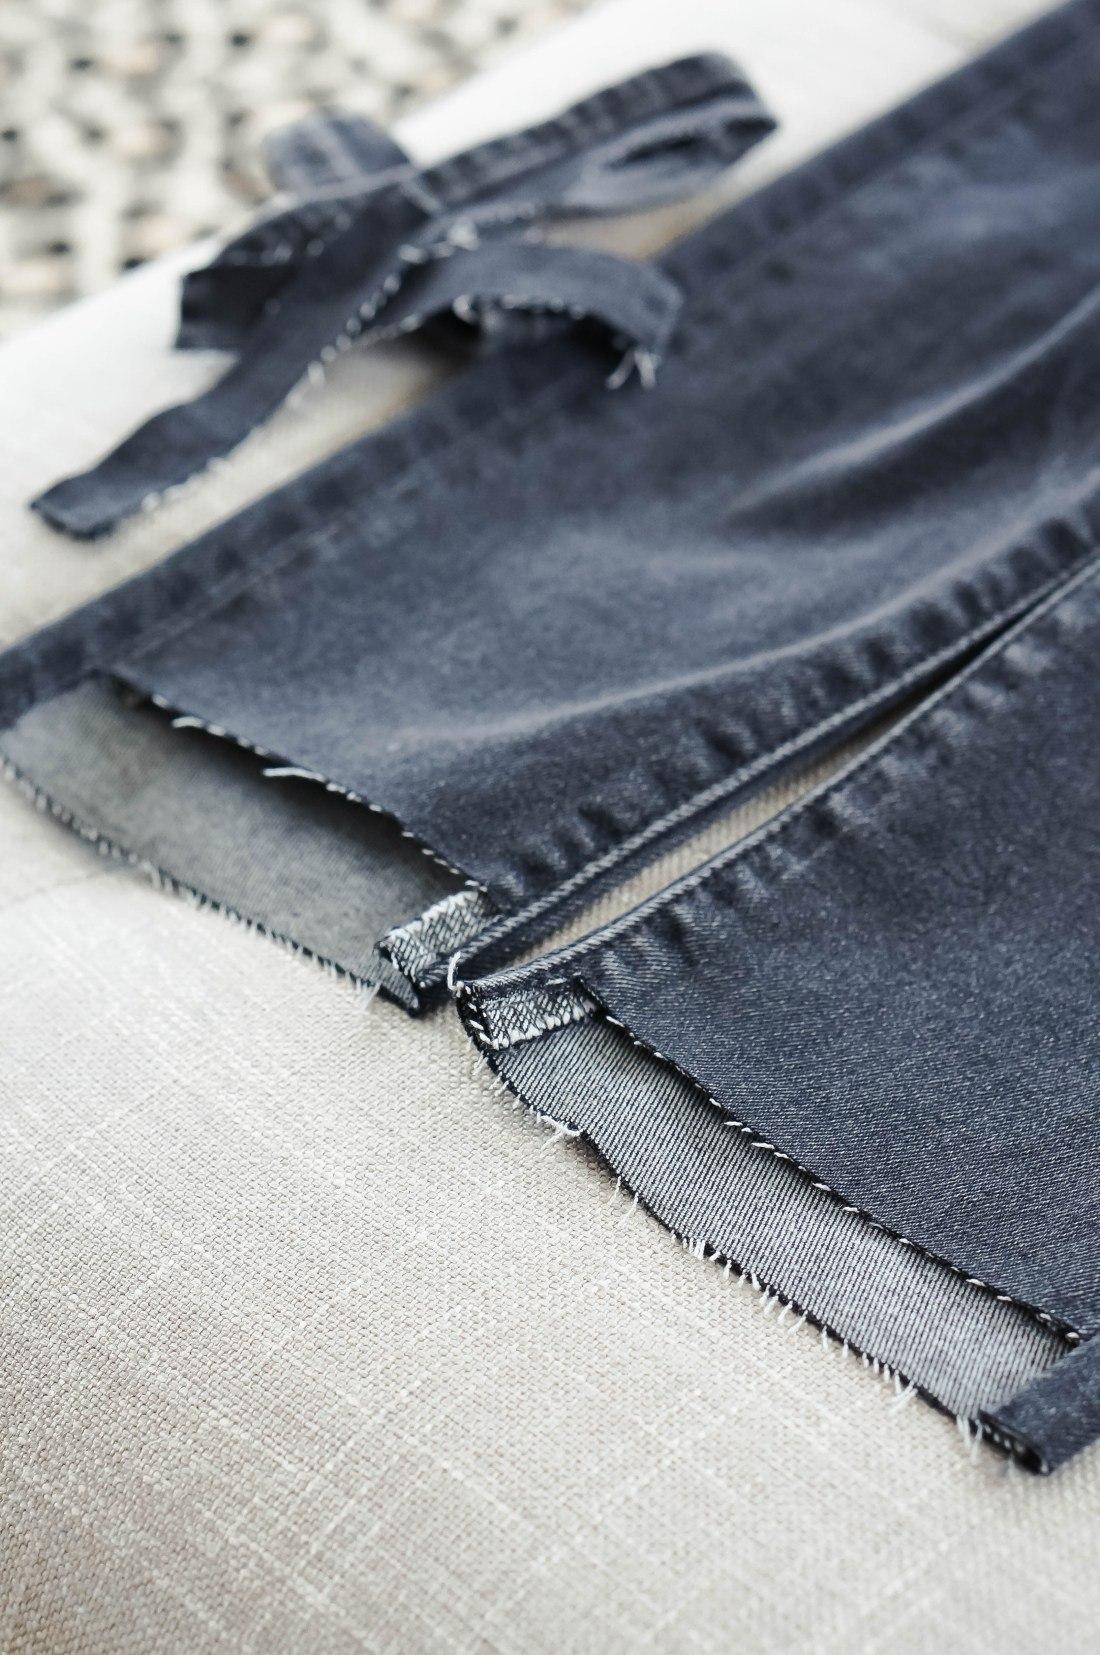 Как обрезать джинсы внизу по-модному, распушить с бахромой, необработанными краями с фото пошагово в домашних условиях